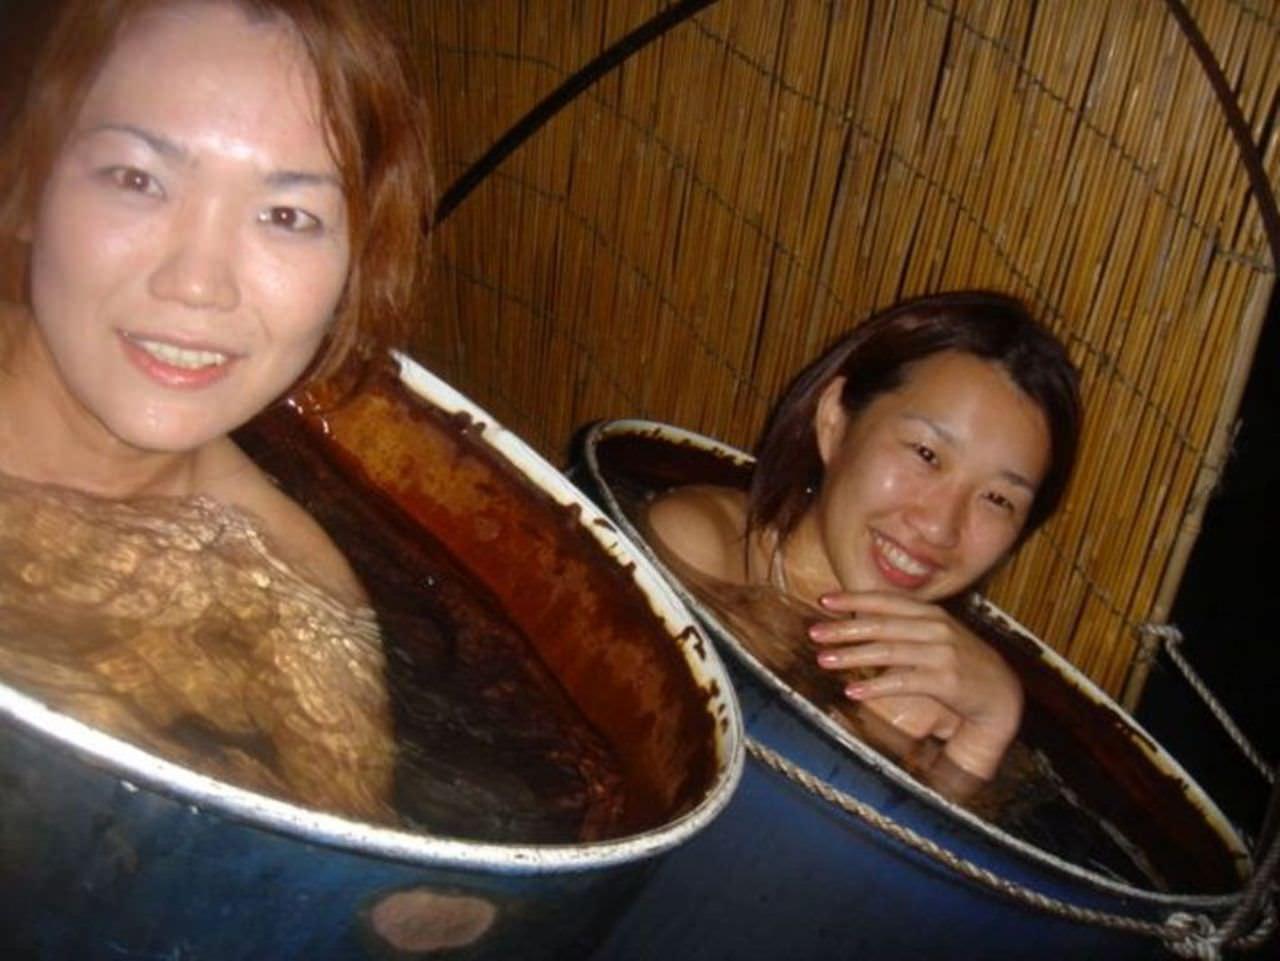 女友達と露天風呂で裸の記念撮影!!!素人ヌード画像がネットで拡散wwwwww 15110